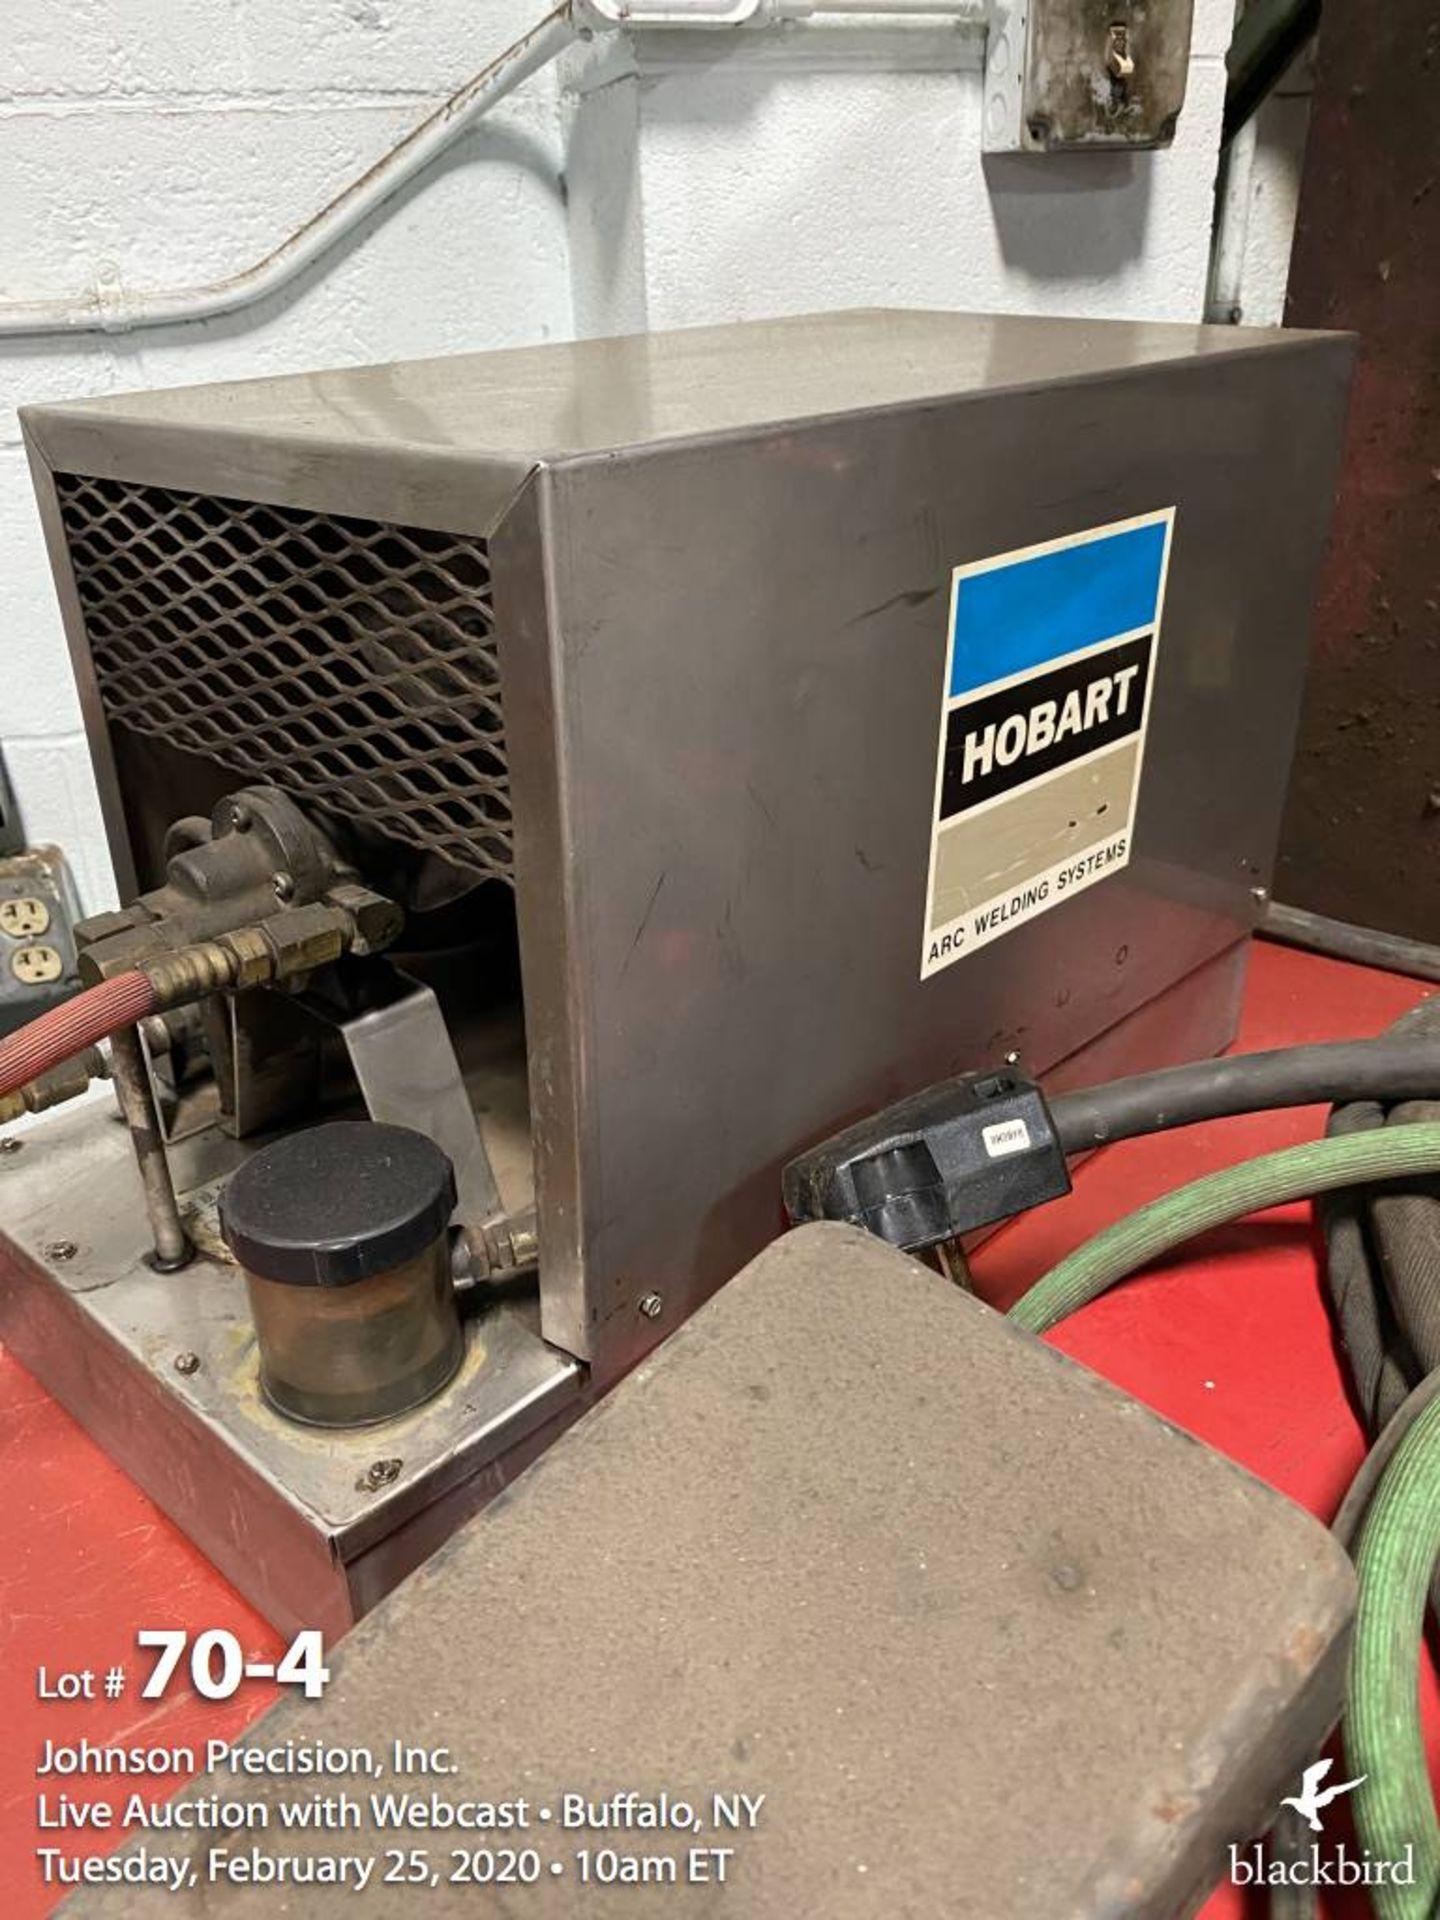 Lot 70 - Lincoln square wave TIG-350 welder, Hobart cooler